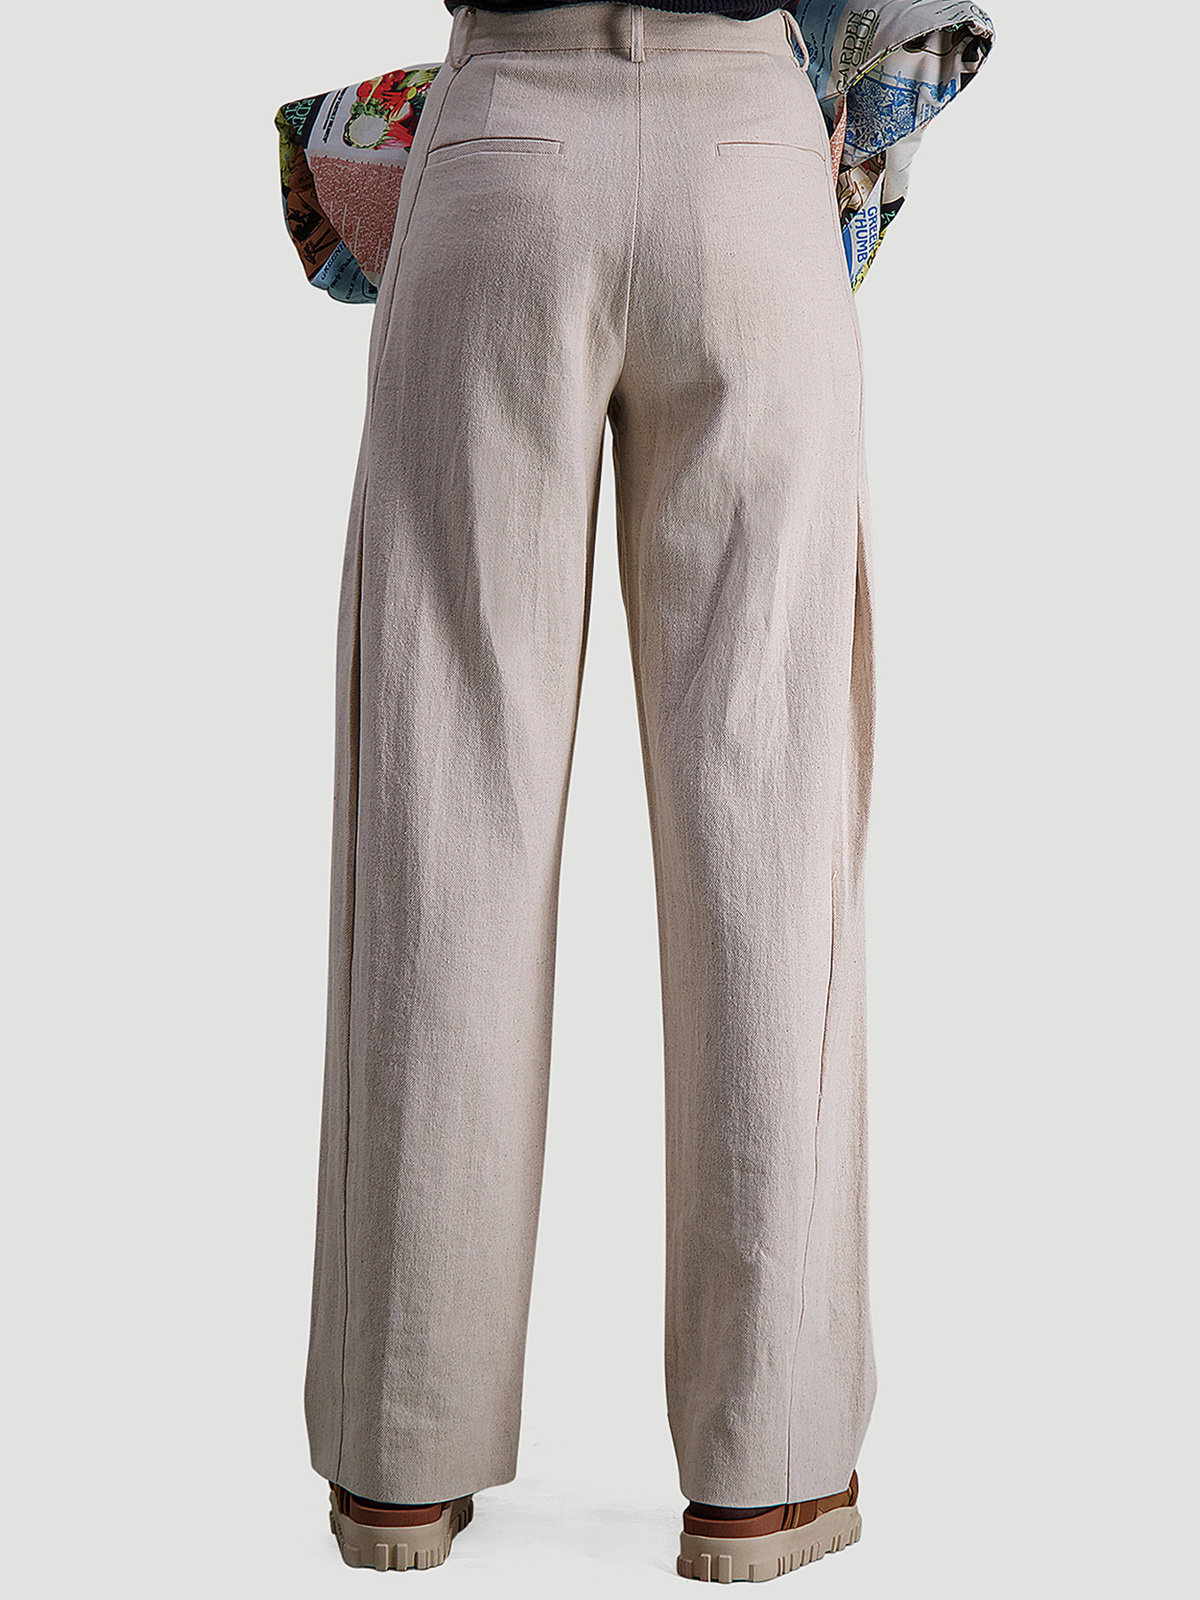 Vidda Trouser  Sand 4